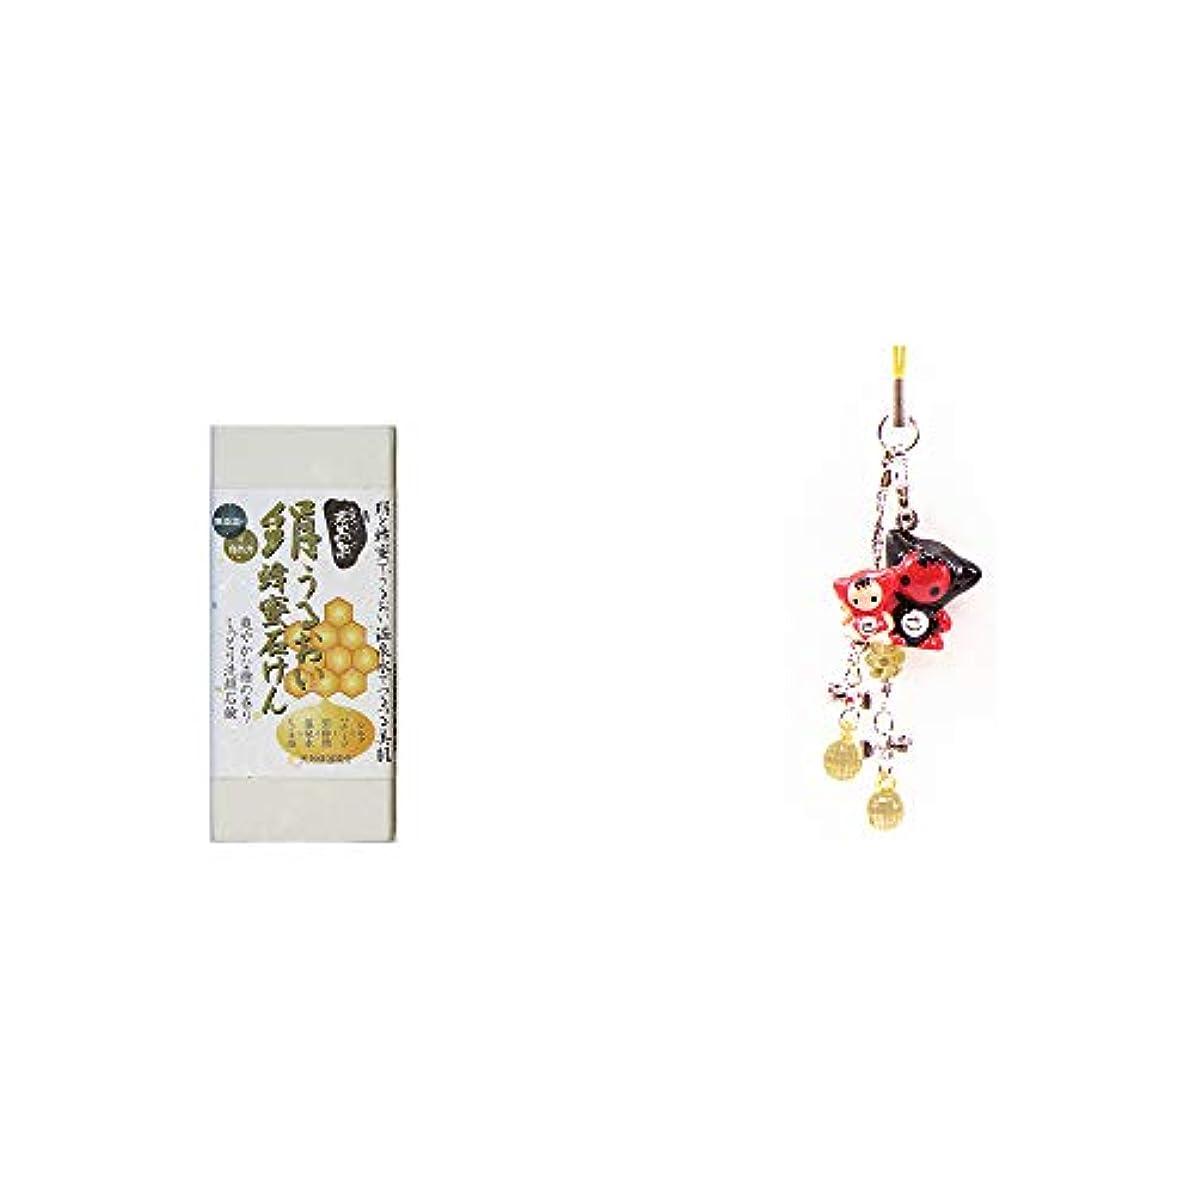 事故ラビリンス隔離する[2点セット] ひのき炭黒泉 絹うるおい蜂蜜石けん(75g×2)?さるぼぼペアビーズストラップ 【黄】/縁結び?魔除け//